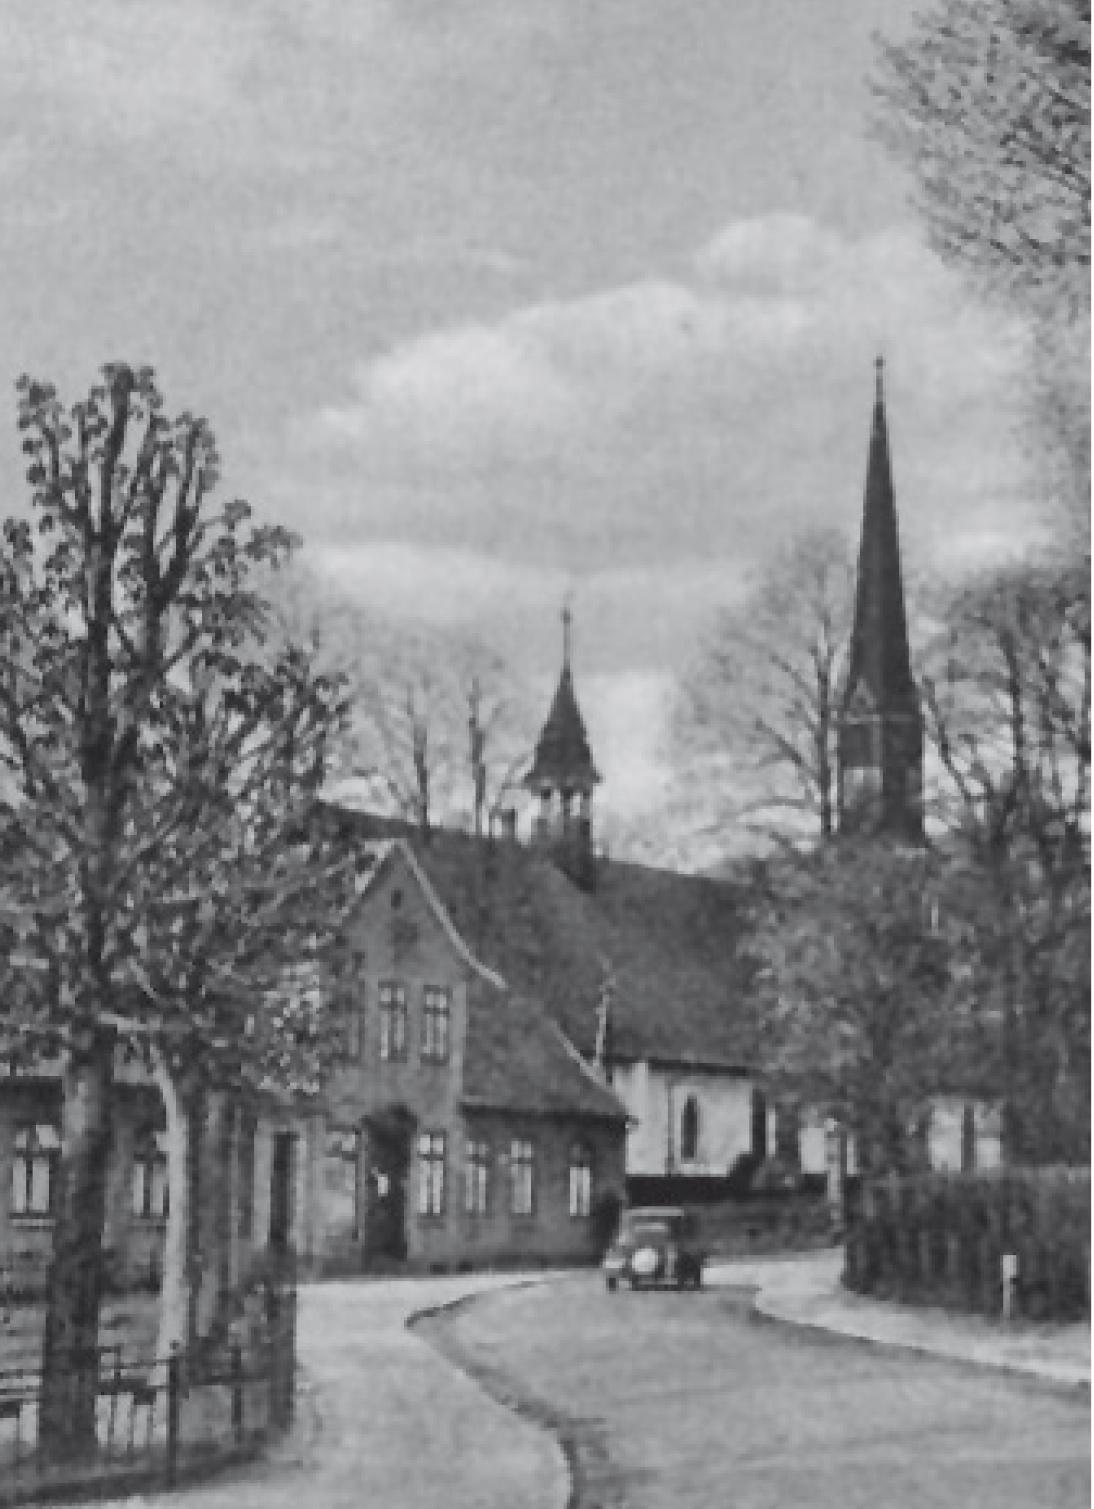 dorf_bilder/Chronik-Hennstedt-311-2.jpg